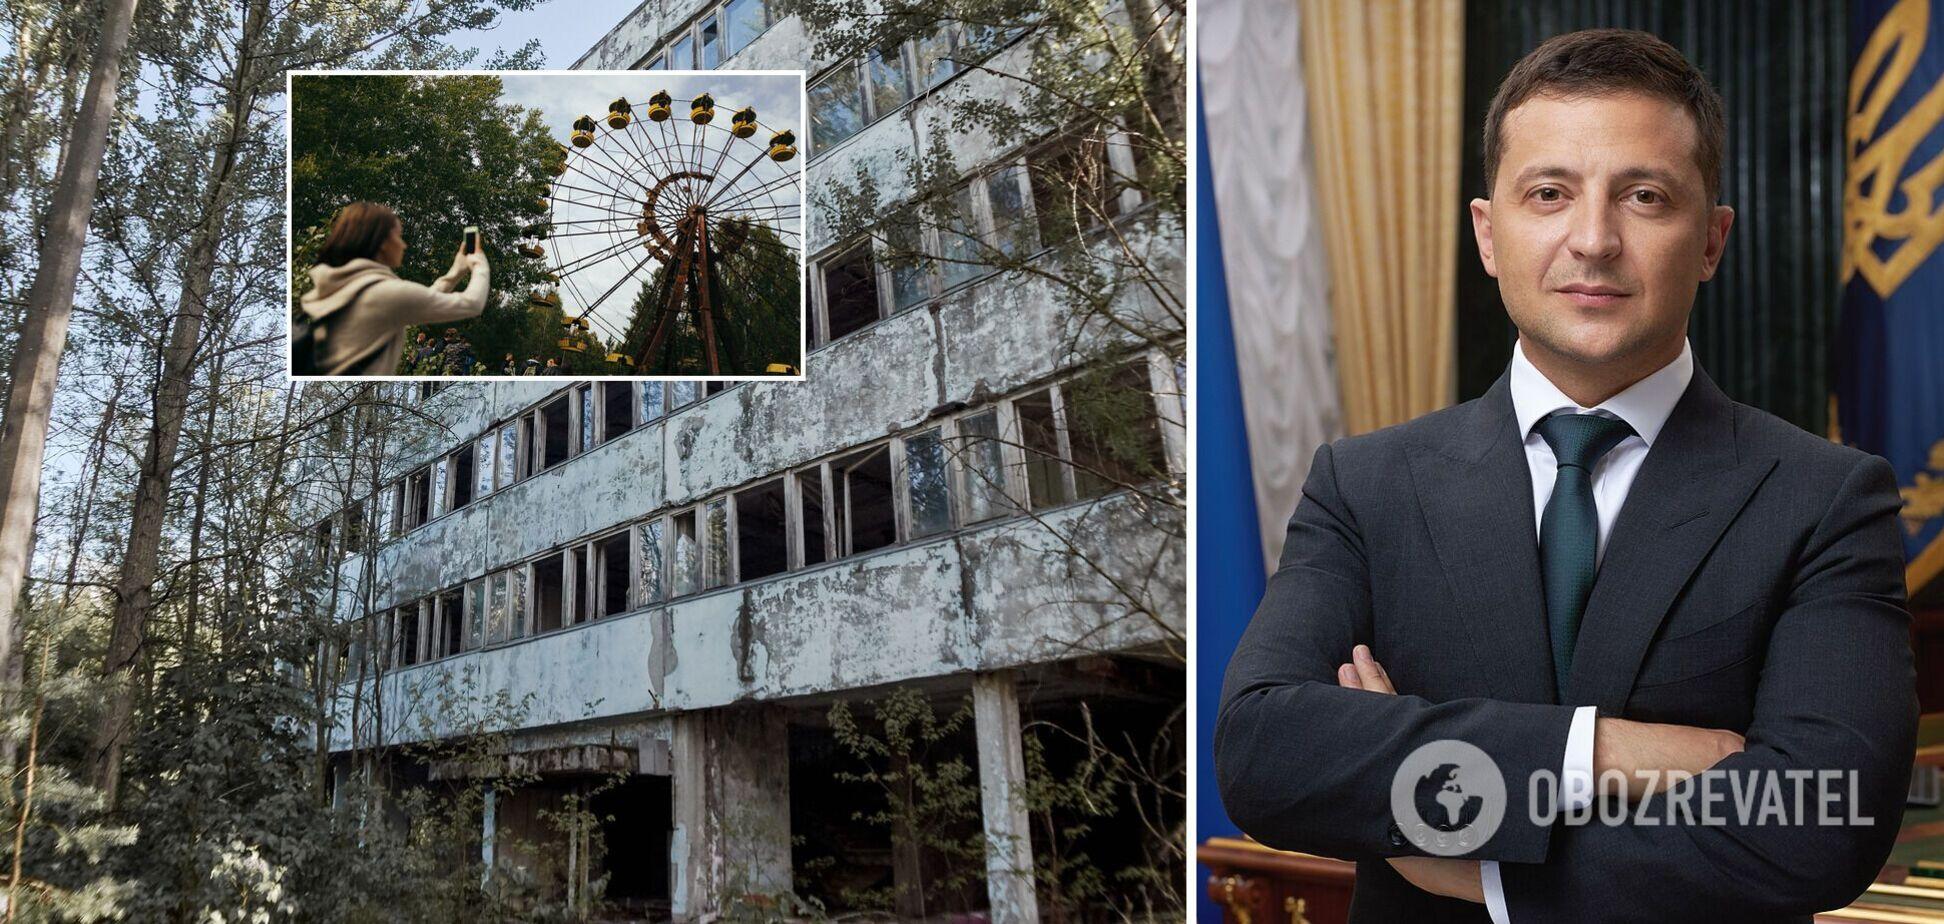 Зеленський розповів про свій задум щодо перетворення Чорнобиля